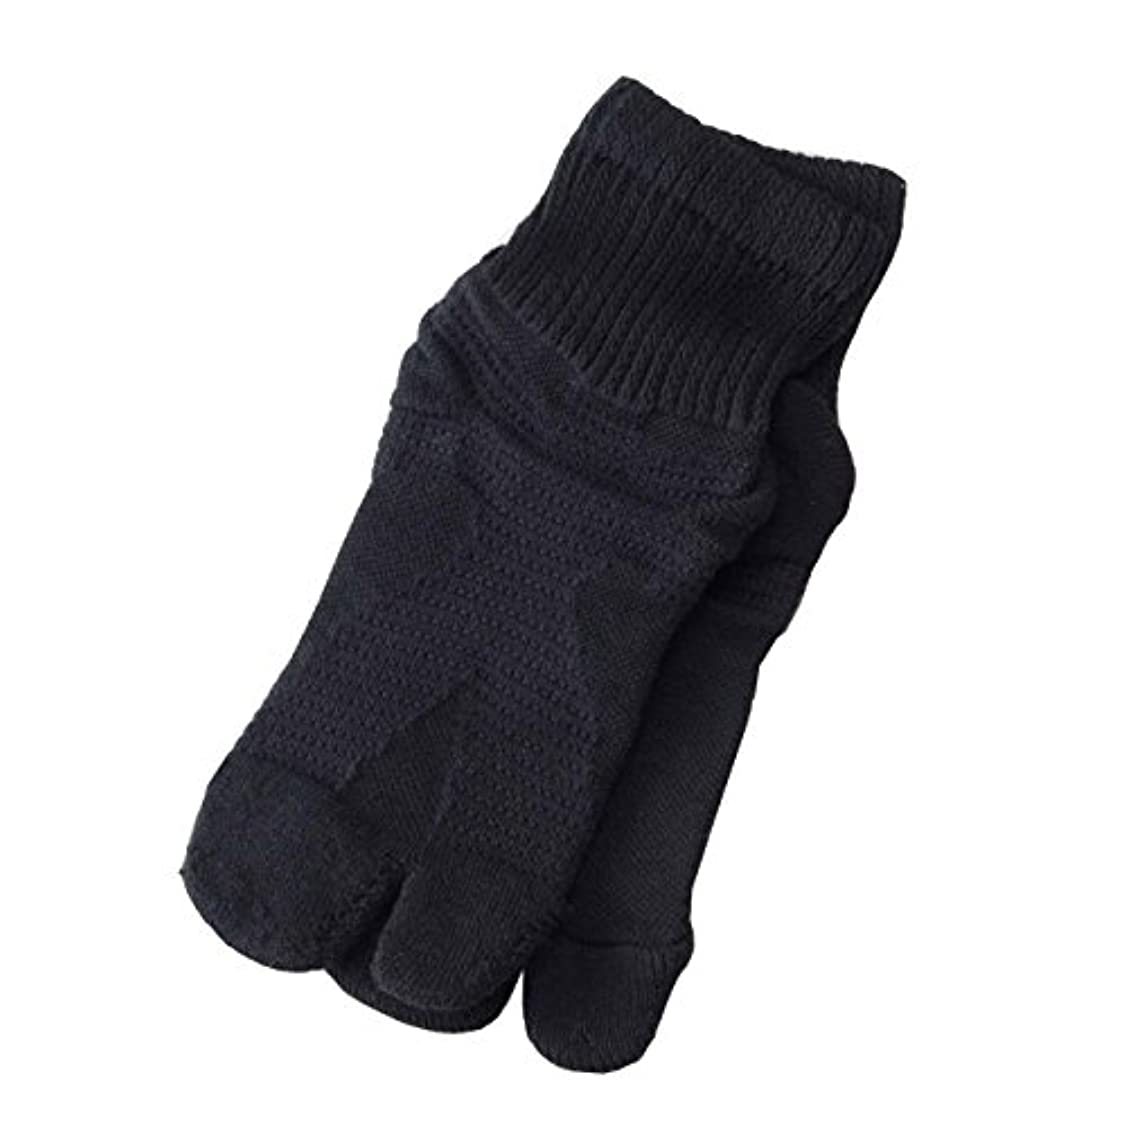 開いた展開する恐怖日本製歩行サポート足袋ソックス (ブラック, 23~25cm)